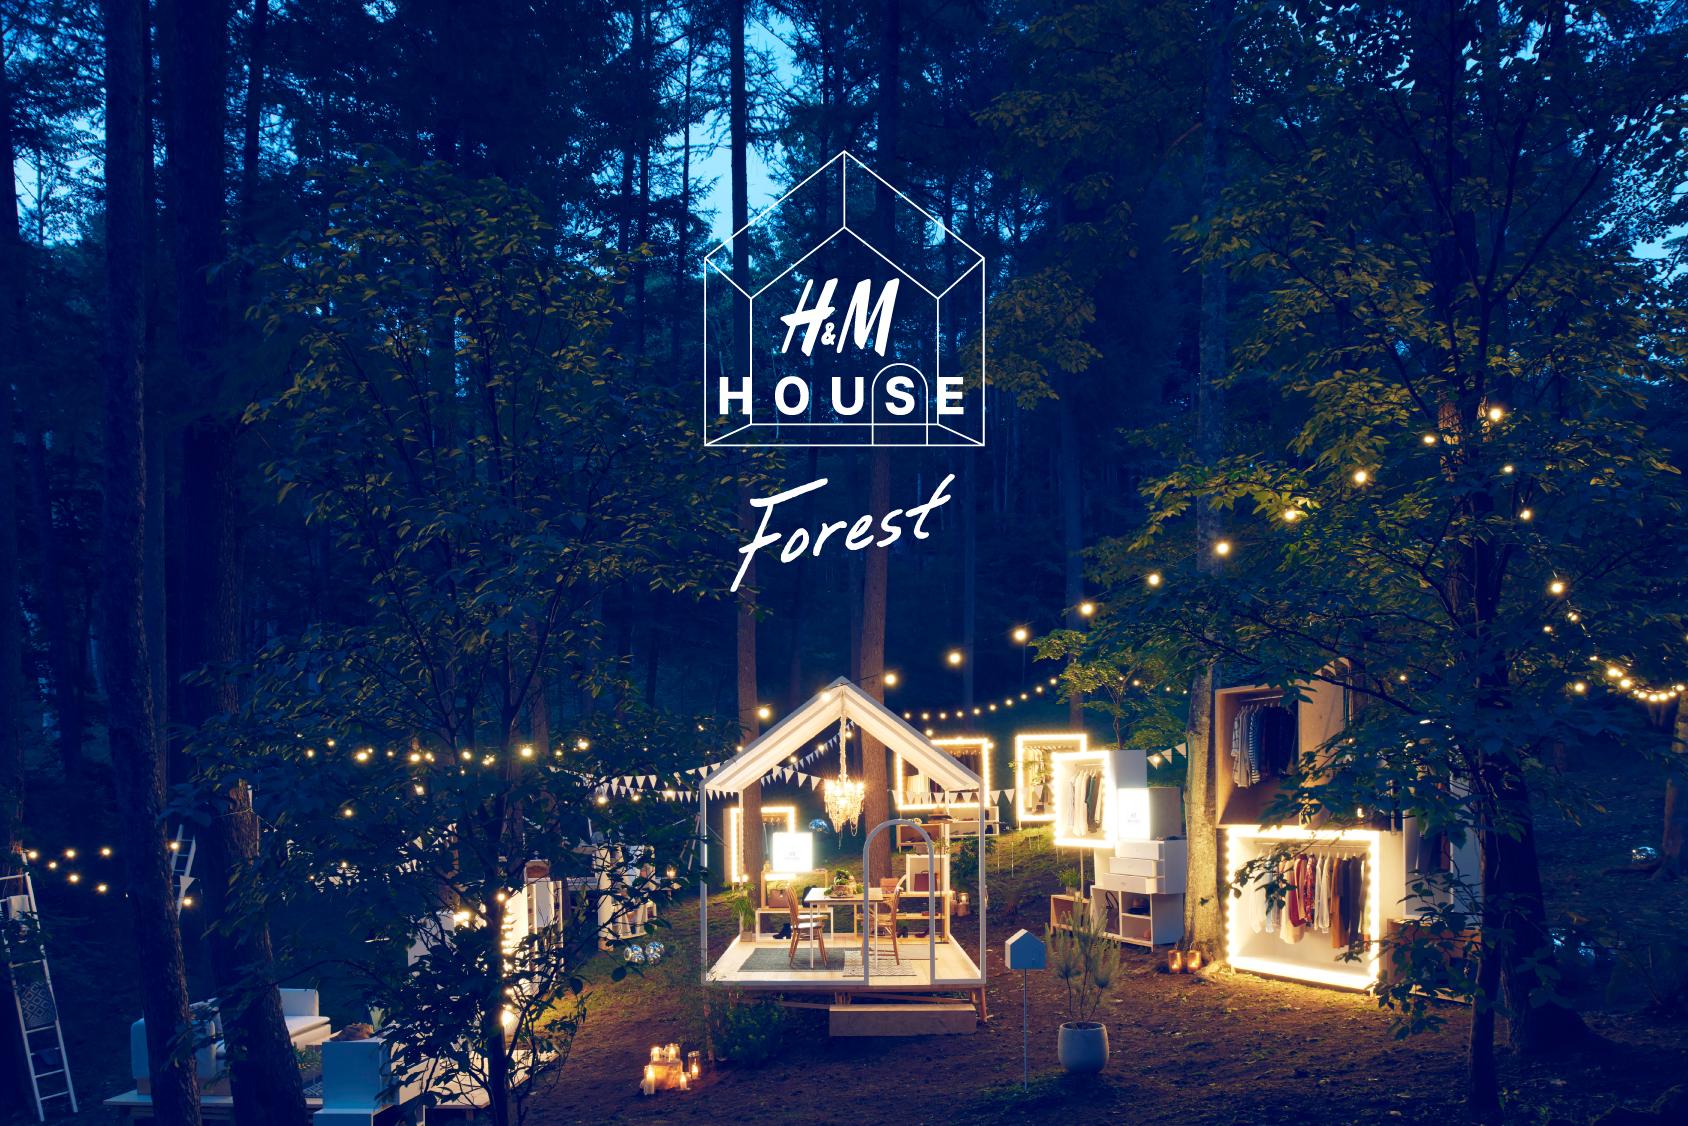 H&M House JP